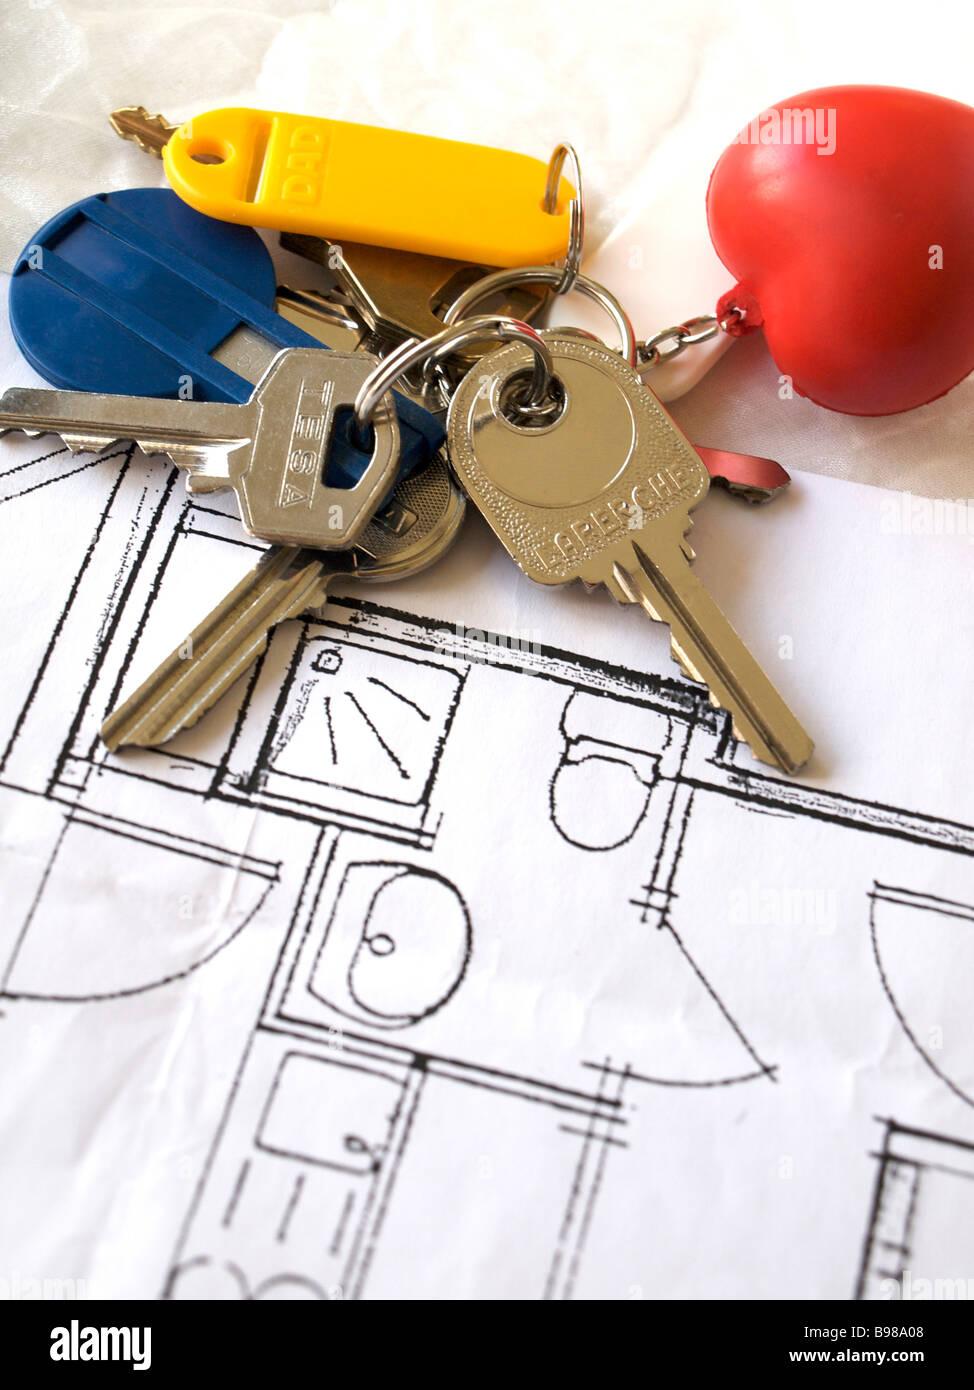 House building / architect's plans / keys - extending house / building / extension concept - Stock Image